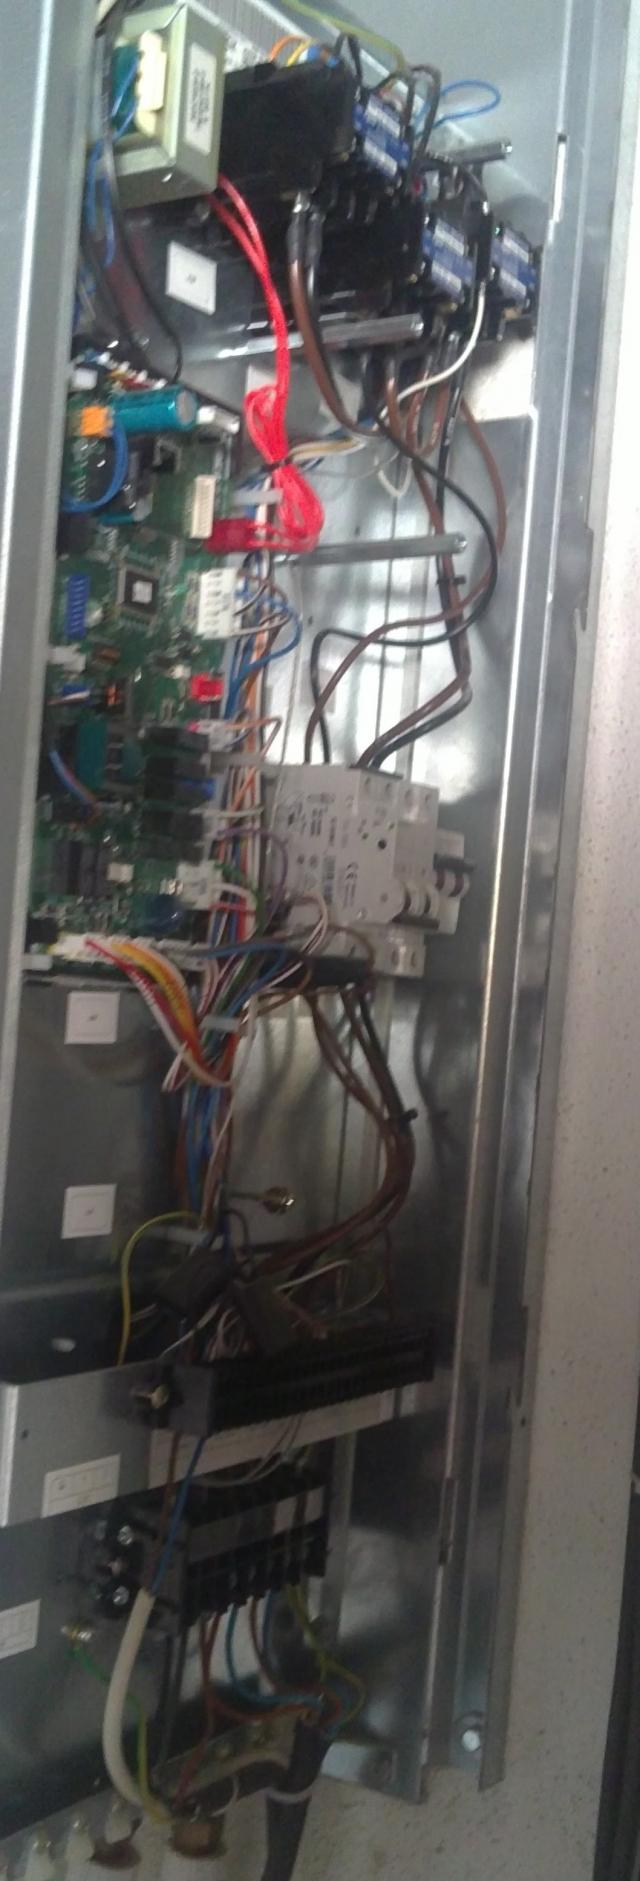 D coration puissance compteur electrique pour pompe a for Puissance electrique maison